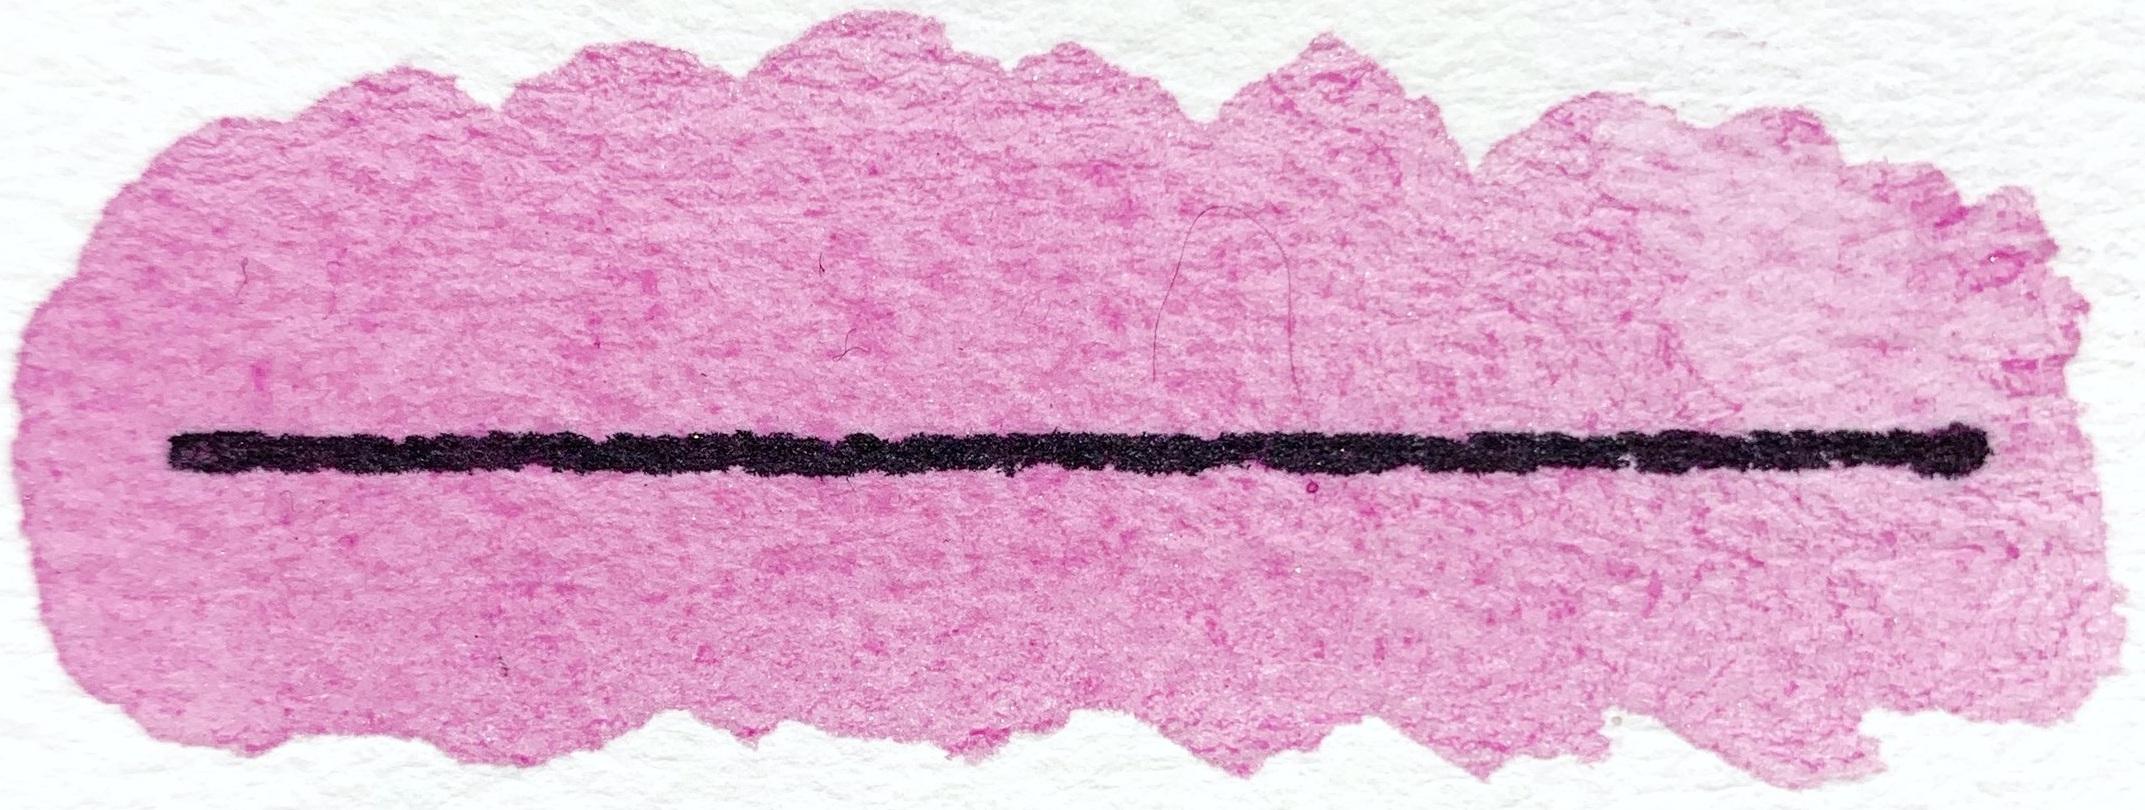 Berry Lovely - Dye based, transparent, not lightfast, staining